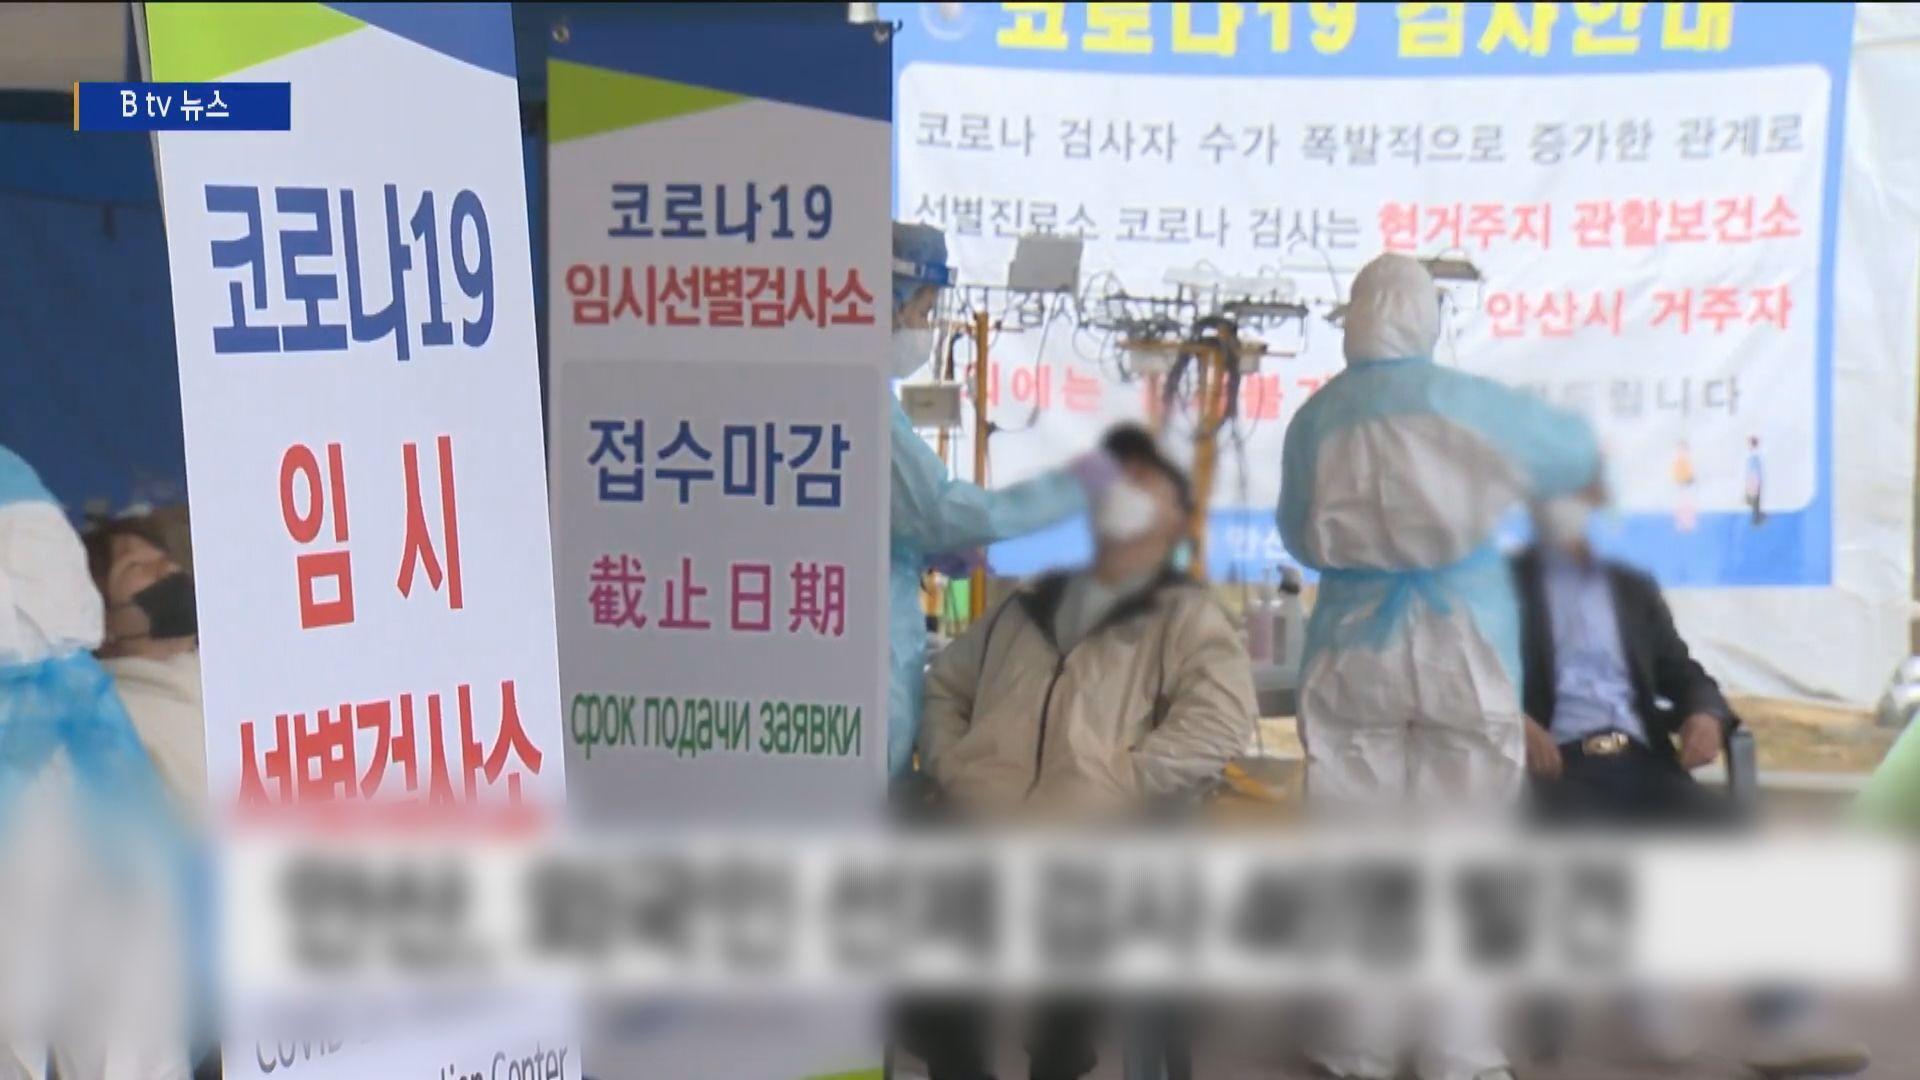 南韓非法居留人士可獲接種新冠疫苗